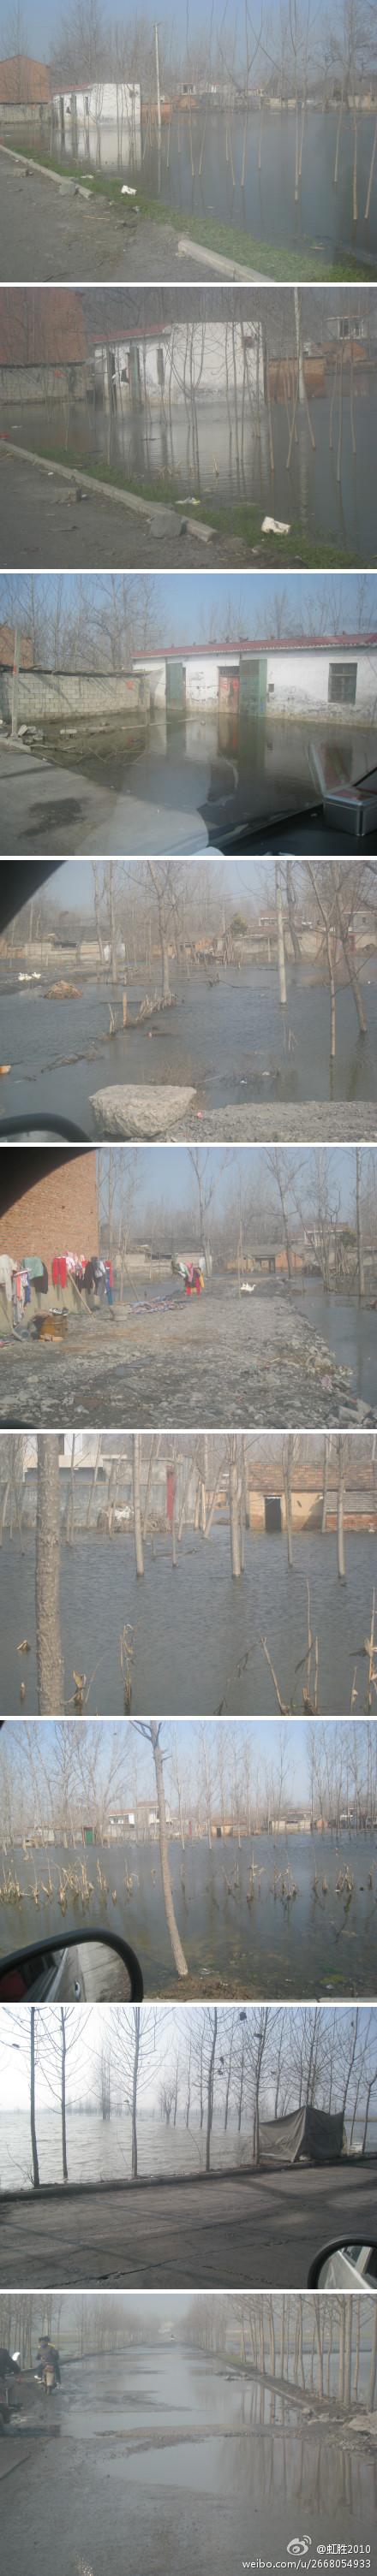 图片:河南采煤致数十村庄地陷房裂(网络图片)